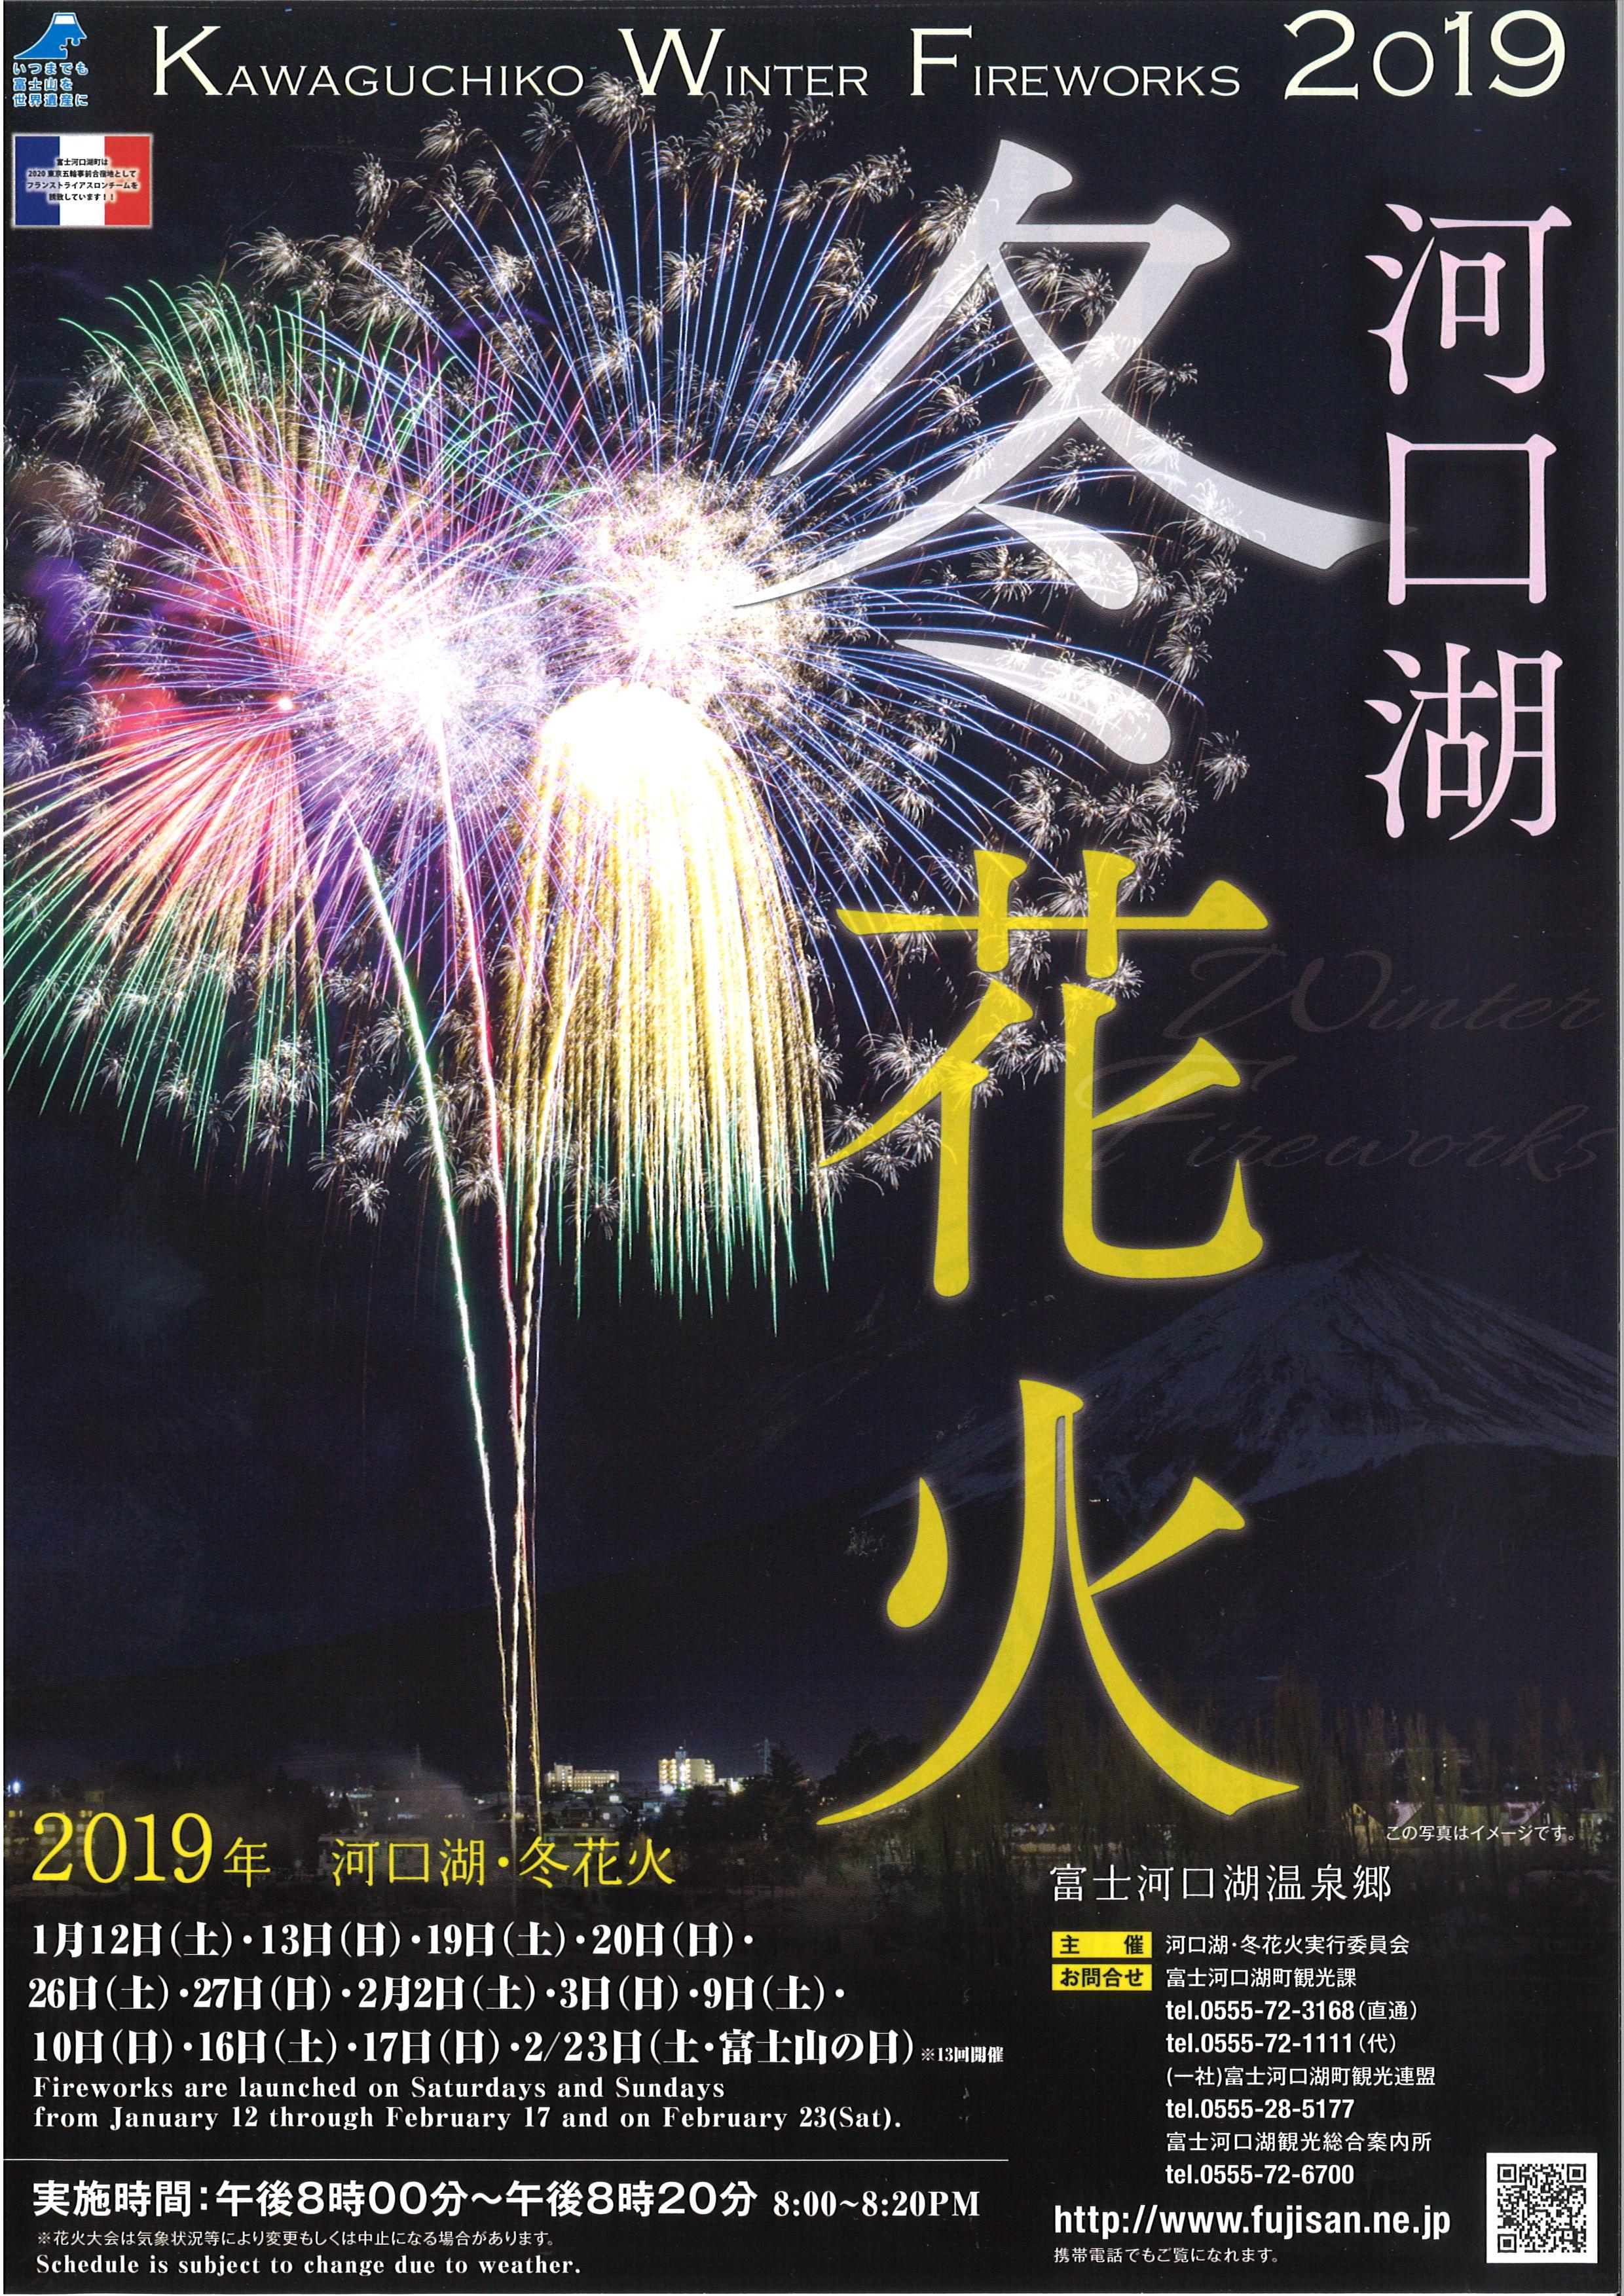 2019河口湖・冬花火イベント